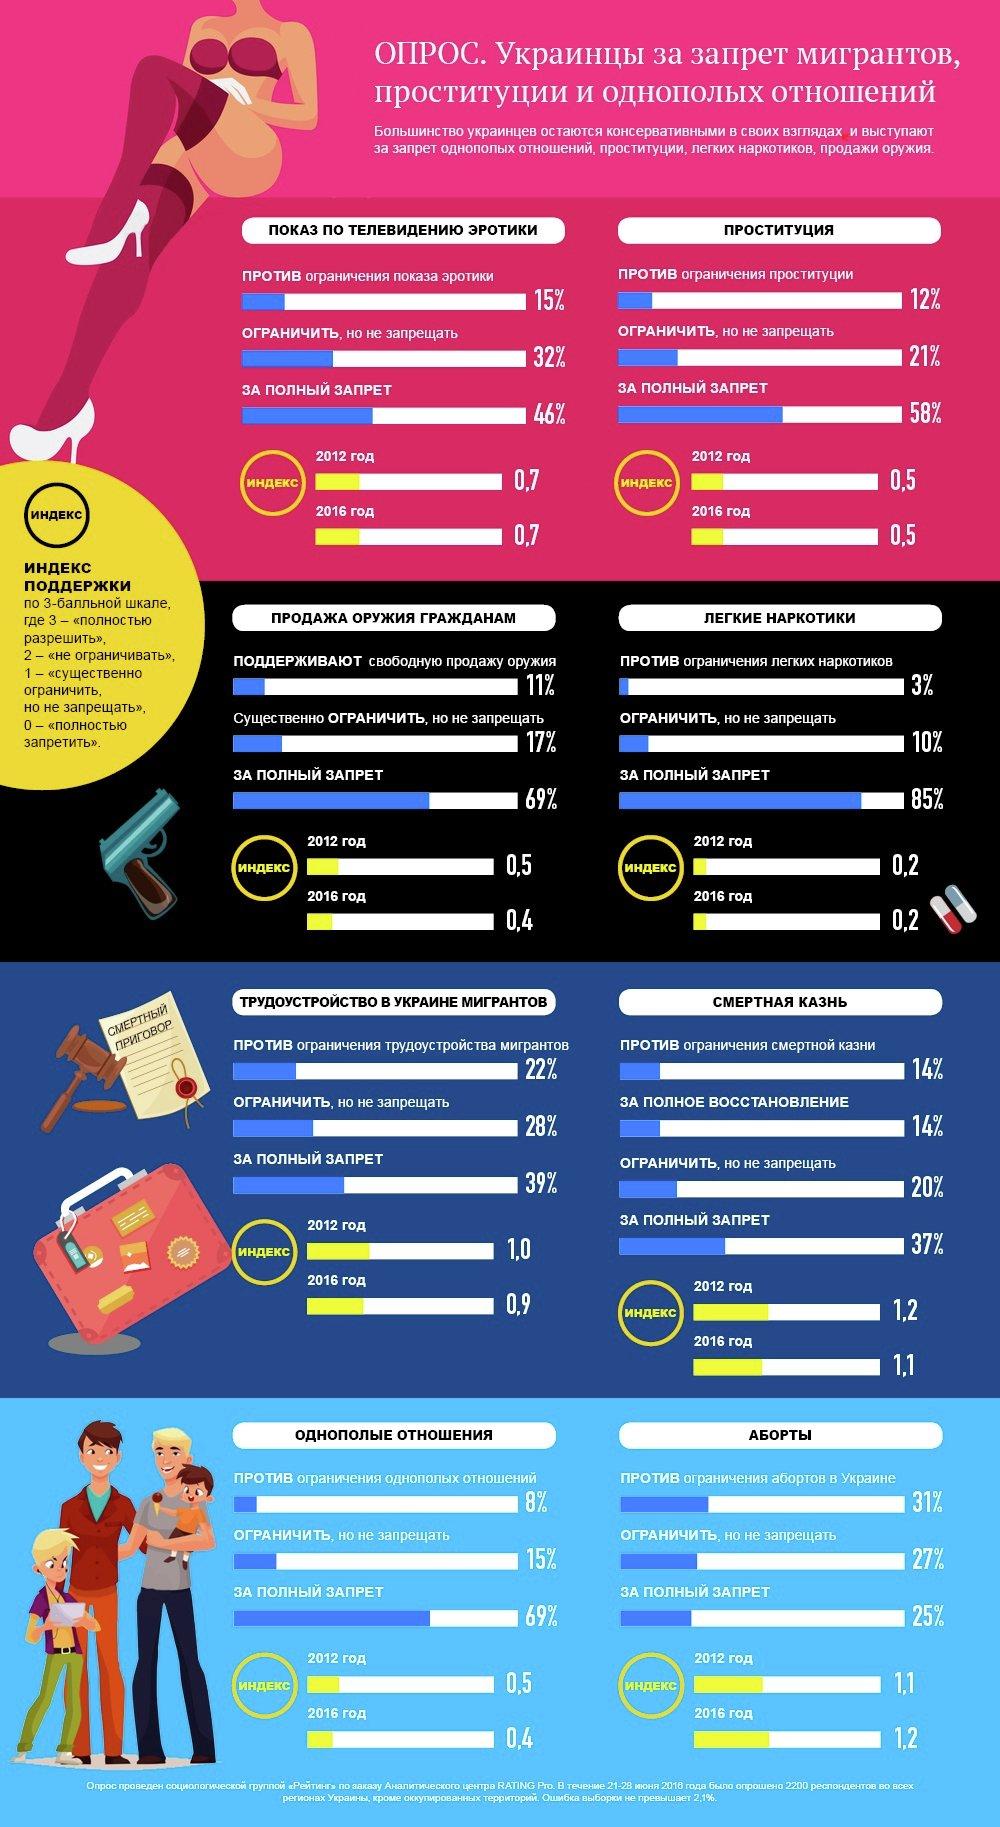 Отношение украинцев к легализации проституции. Инфографика